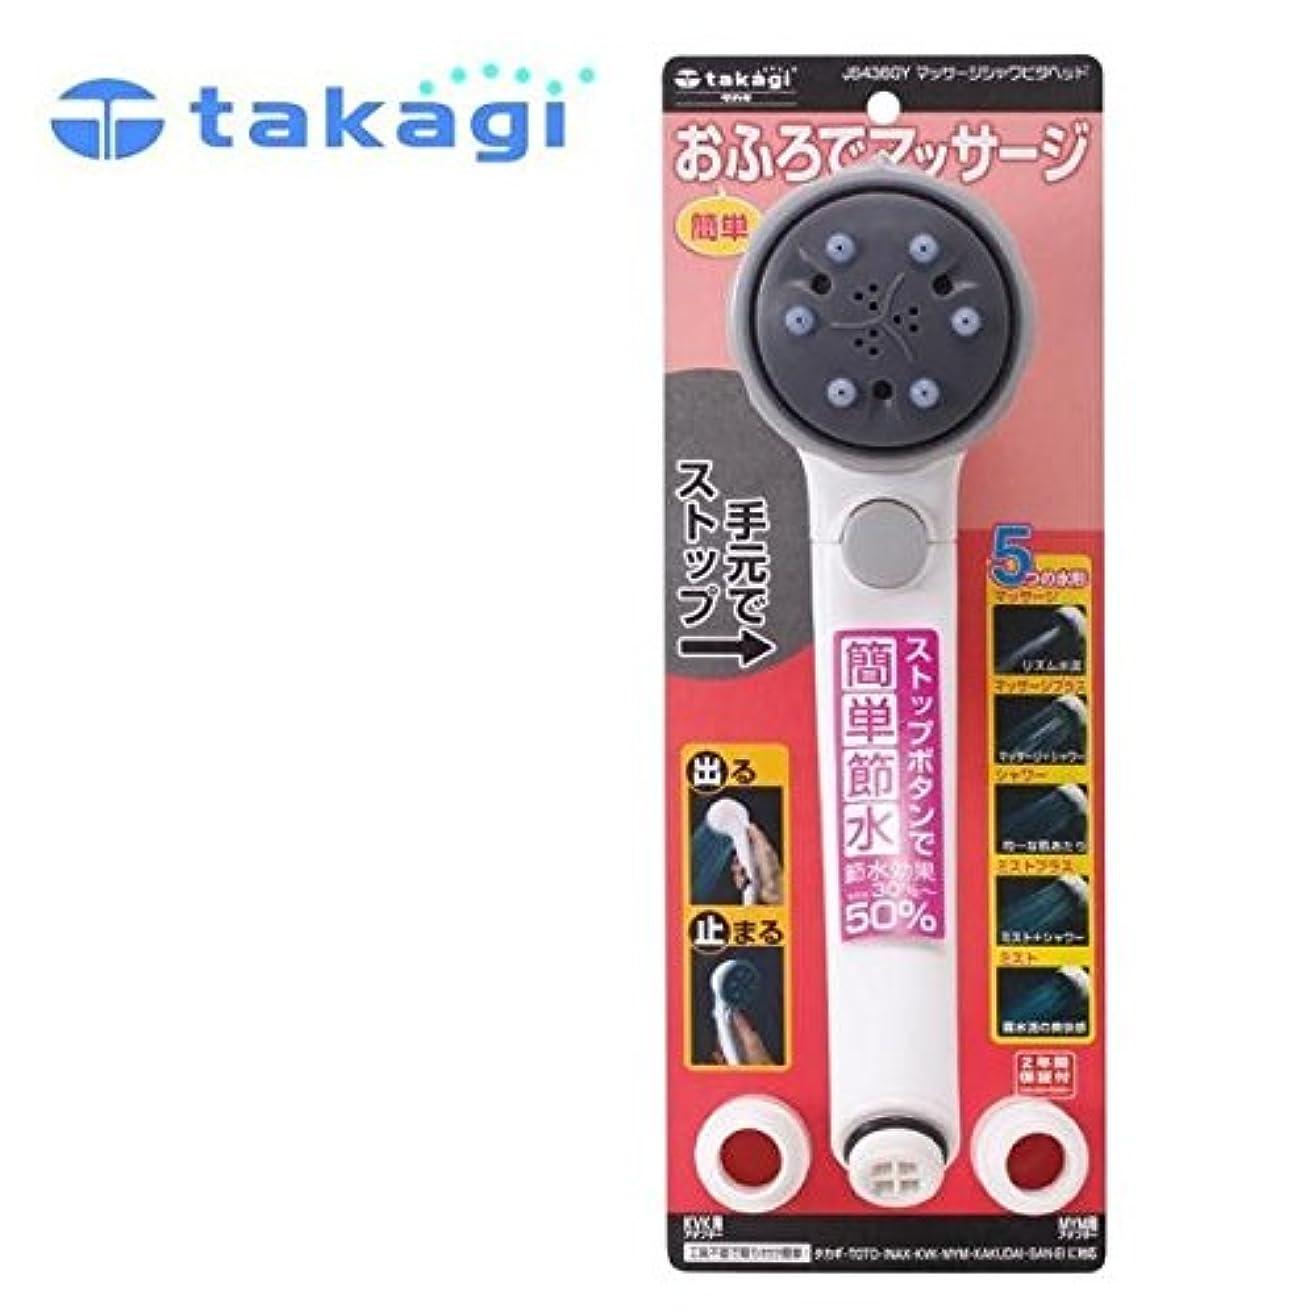 輪郭ブランド二次takagi タカギ 浴室用シャワーヘッド マッサージシャワピタヘッド【同梱?代引不可】